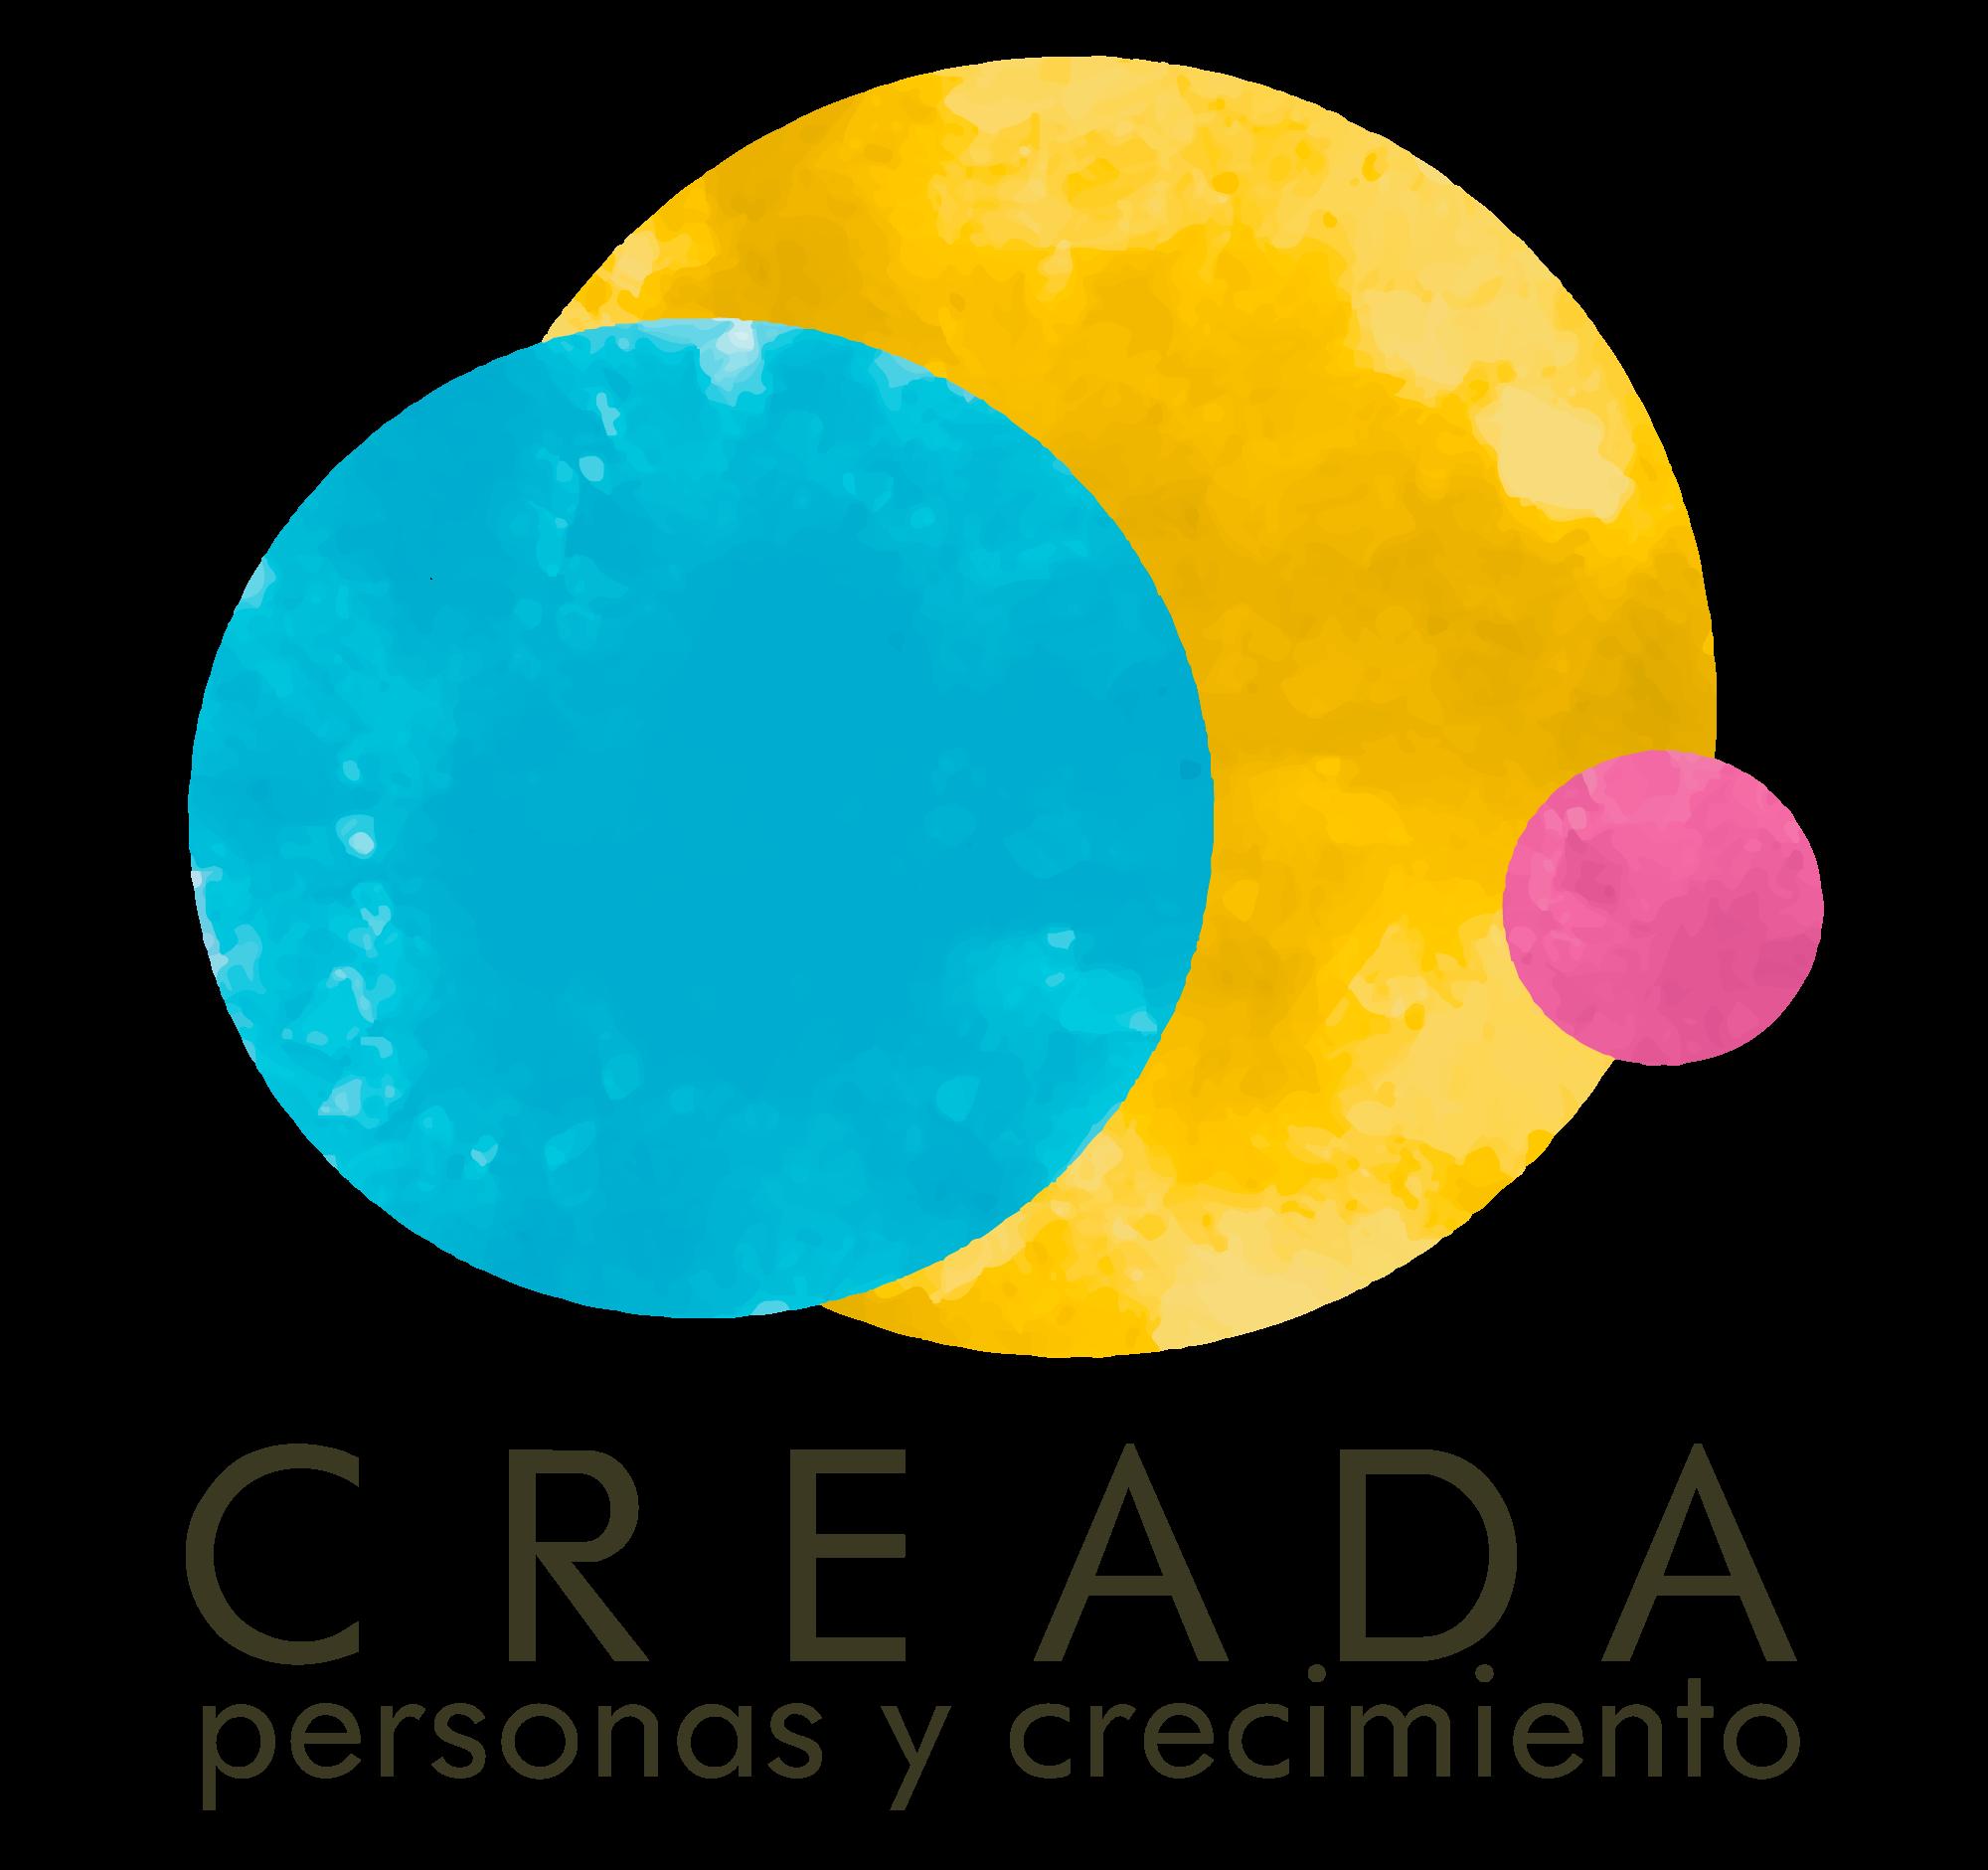 Creada | Crecimiento personal y profesional